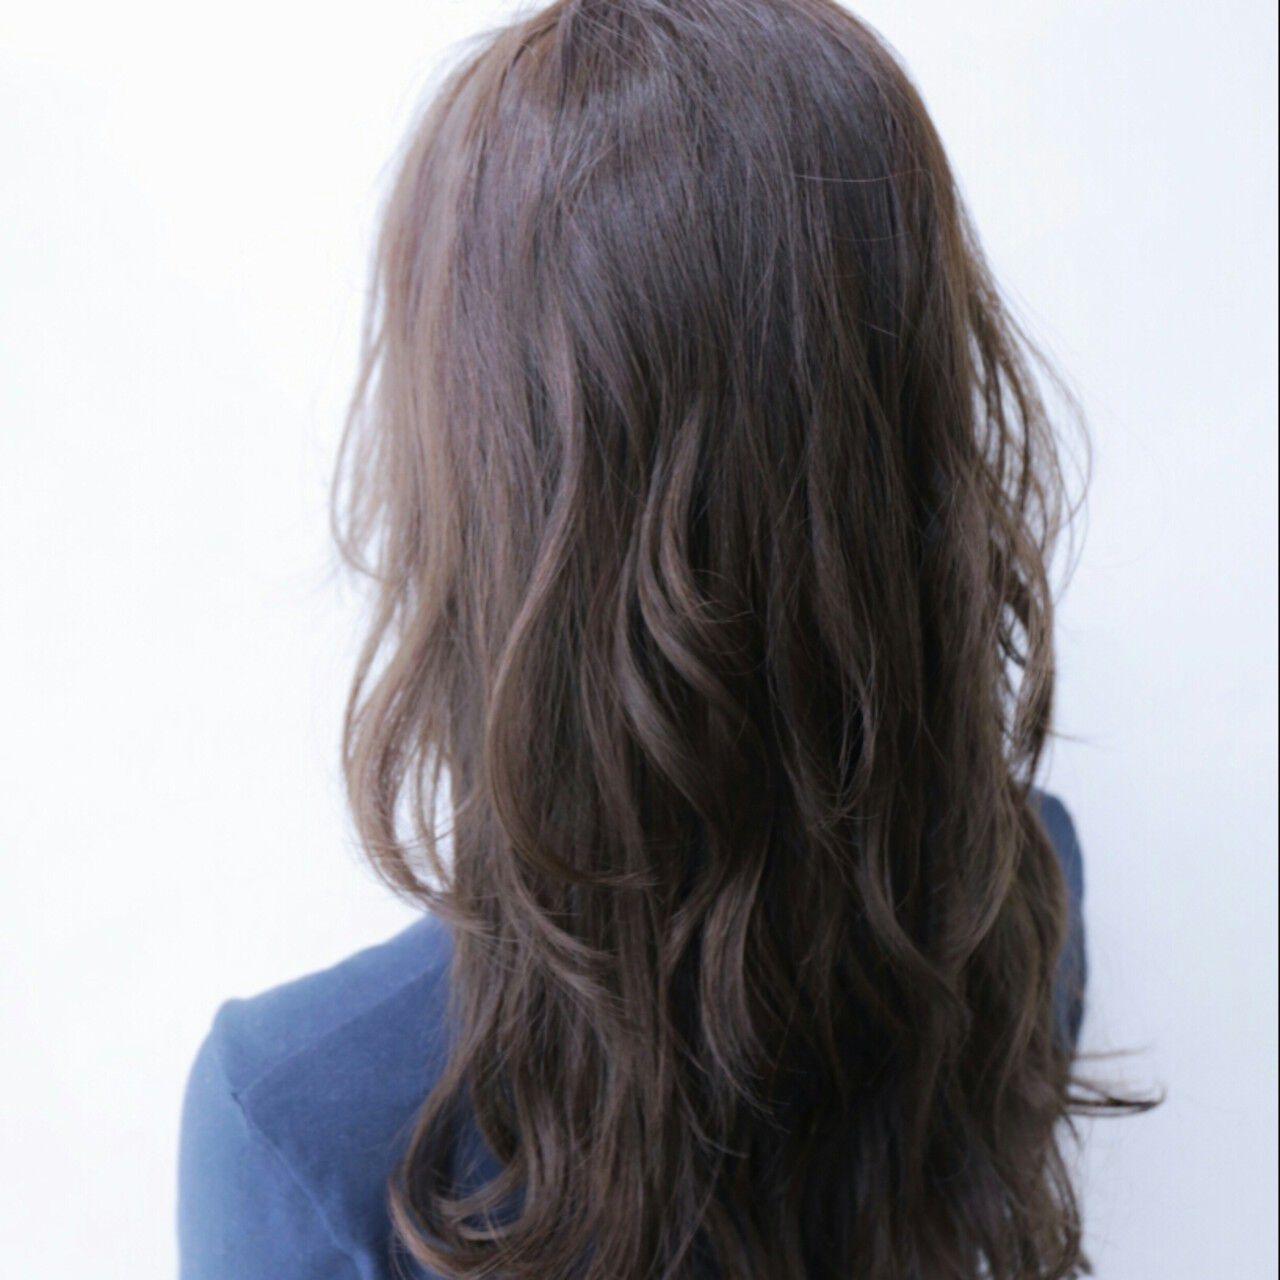 ゆるふわ 外国人風 暗髪 アッシュヘアスタイルや髪型の写真・画像